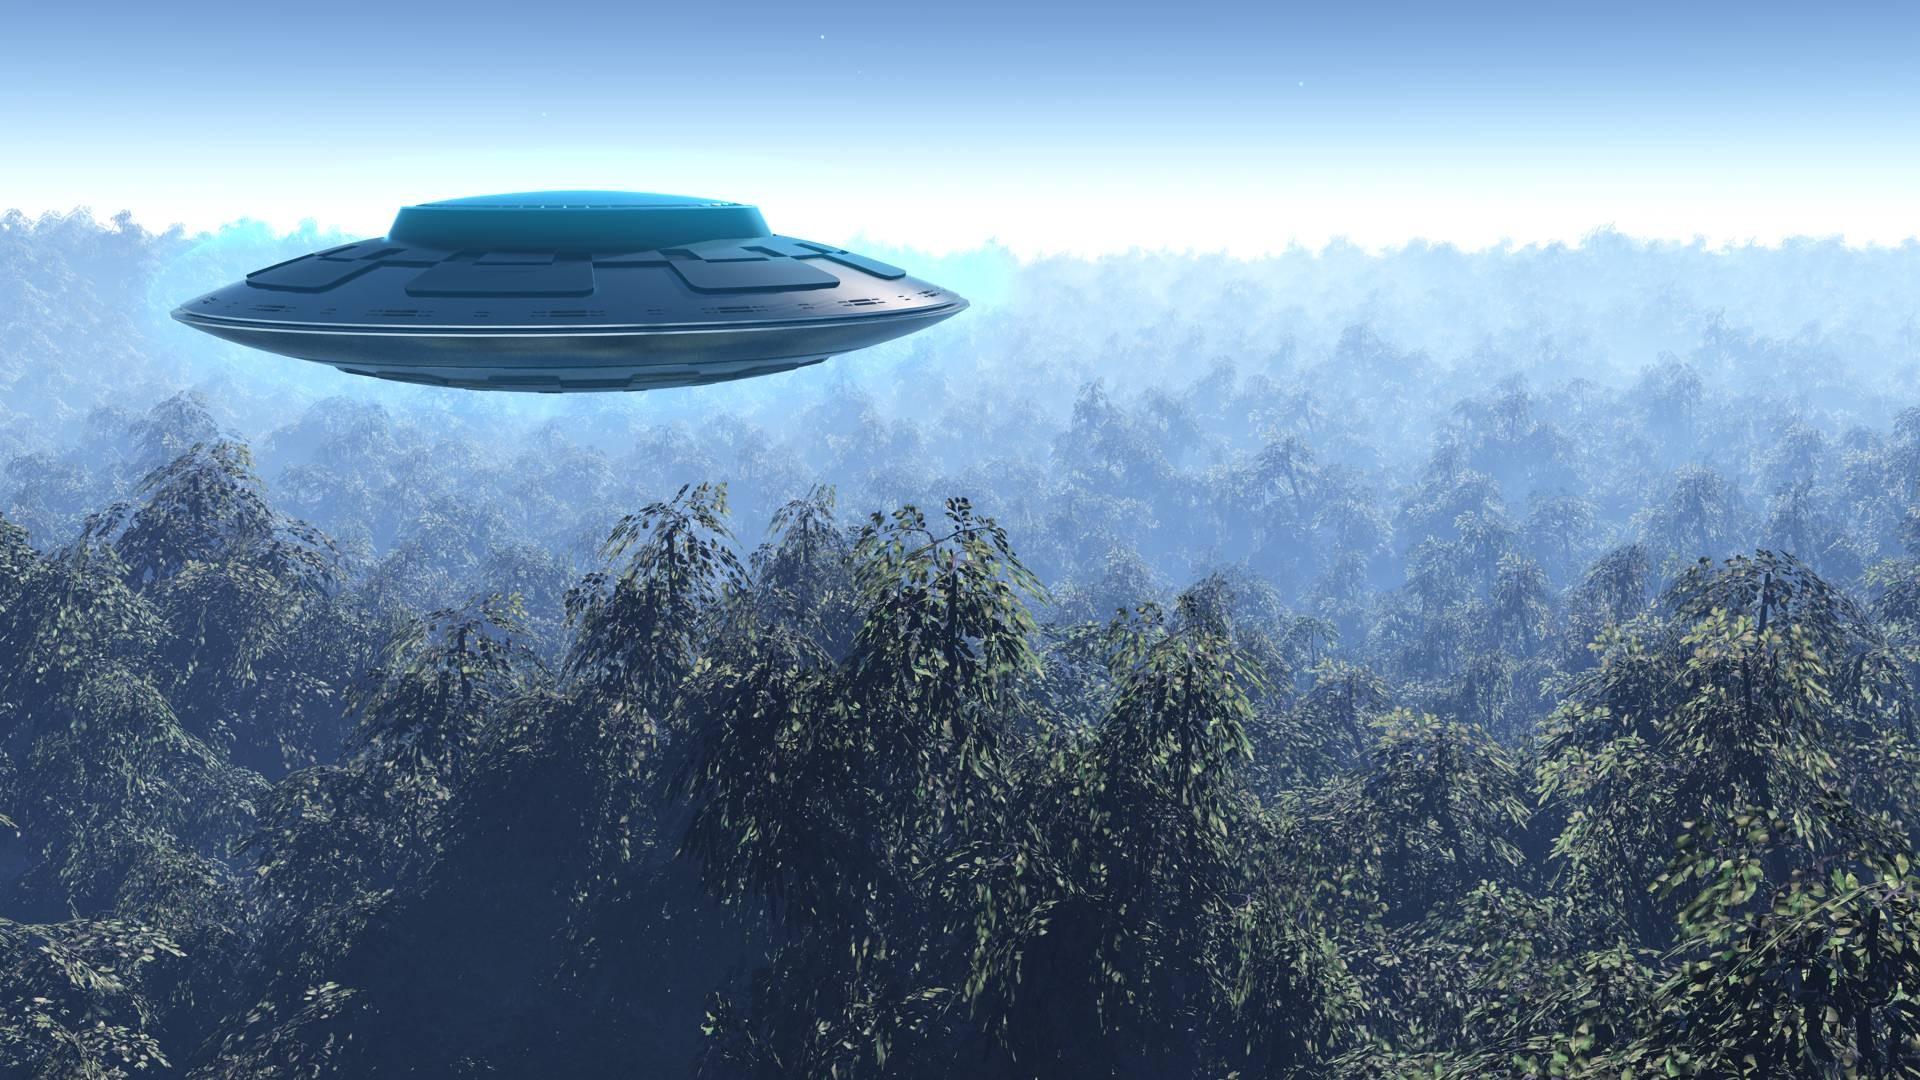 Жительница Австралии сняла навидео НЛО, заряжавшиеся вовремя грозы